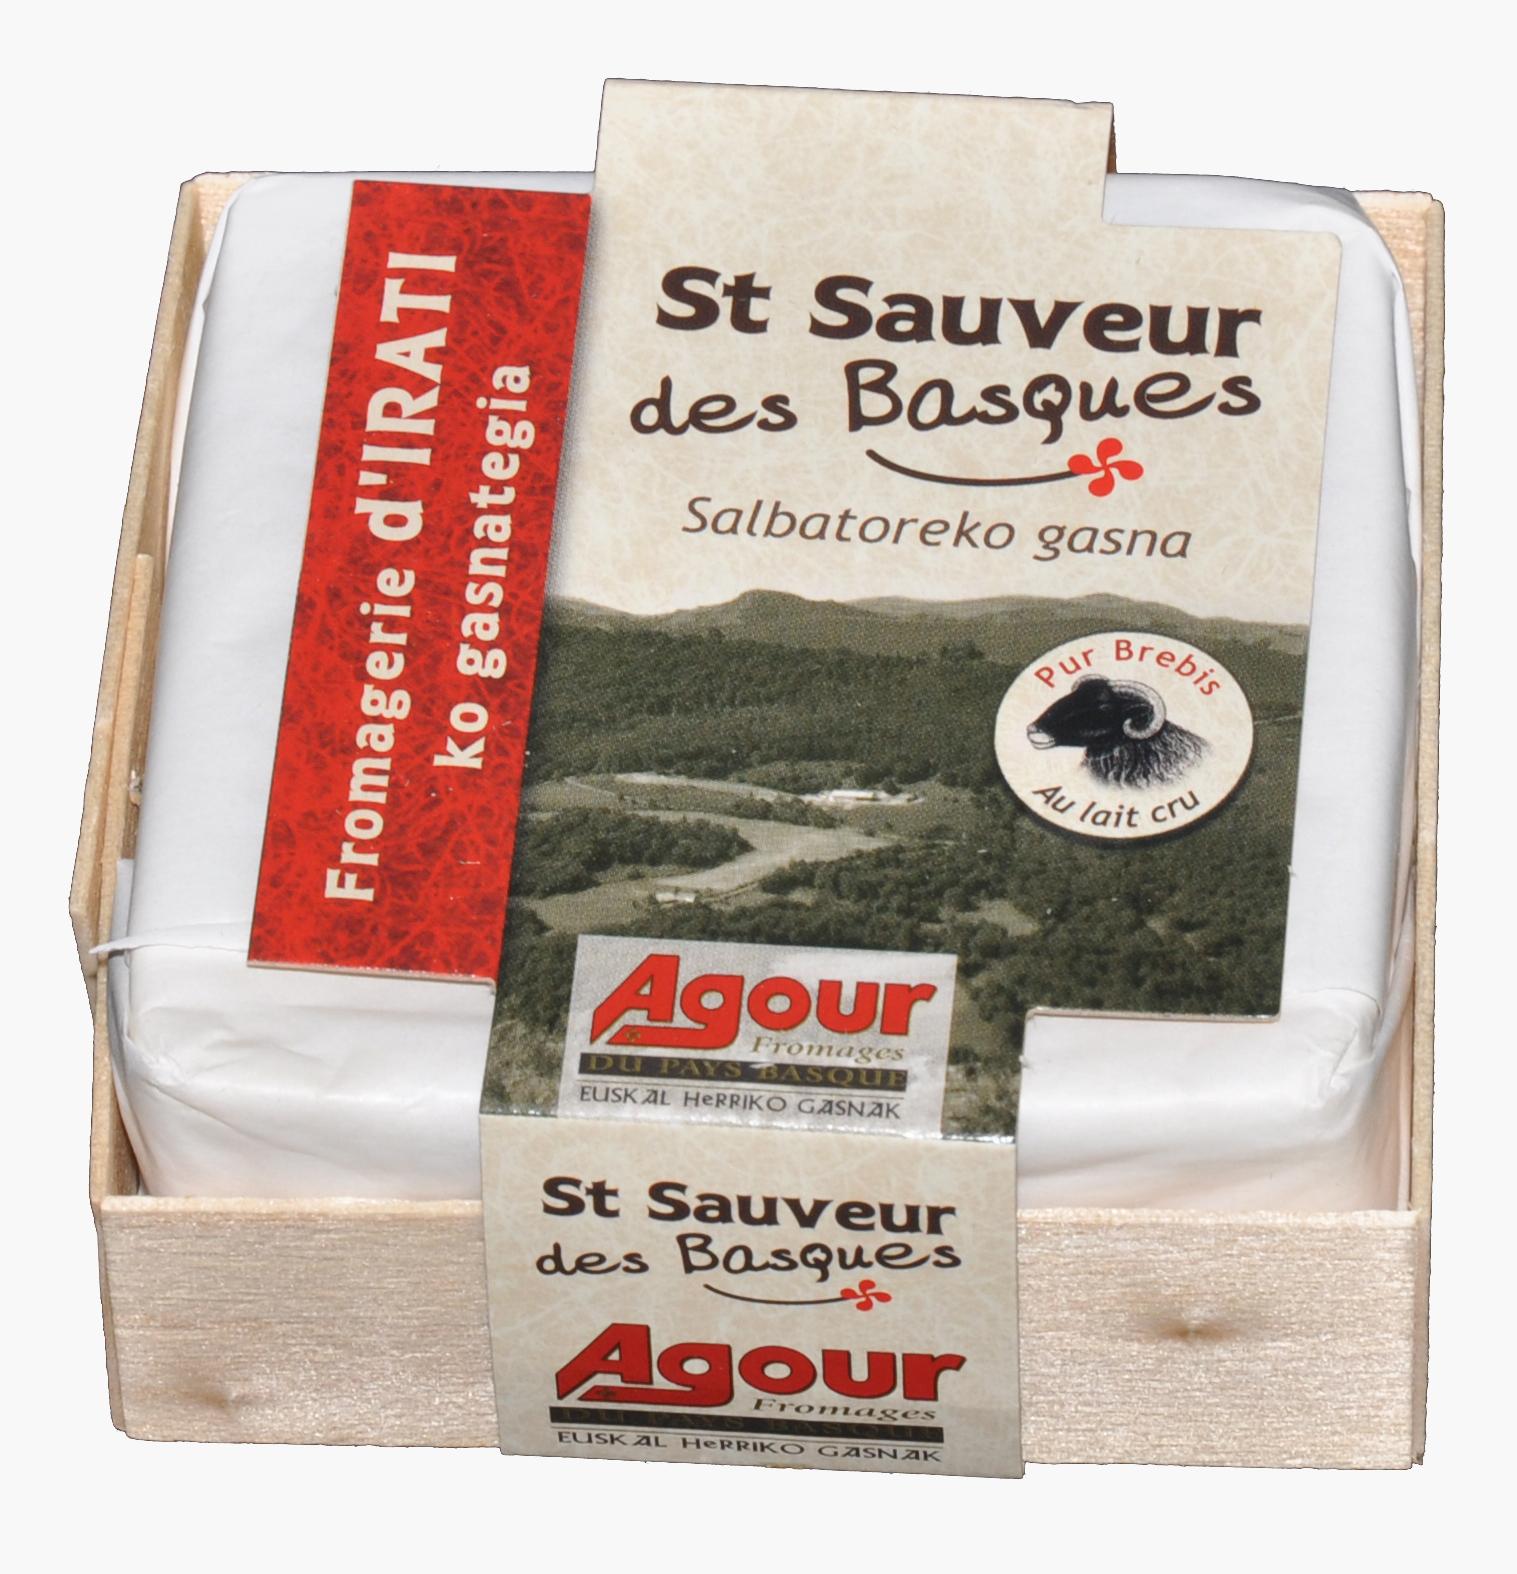 St Sauveur des Basques (220 g)